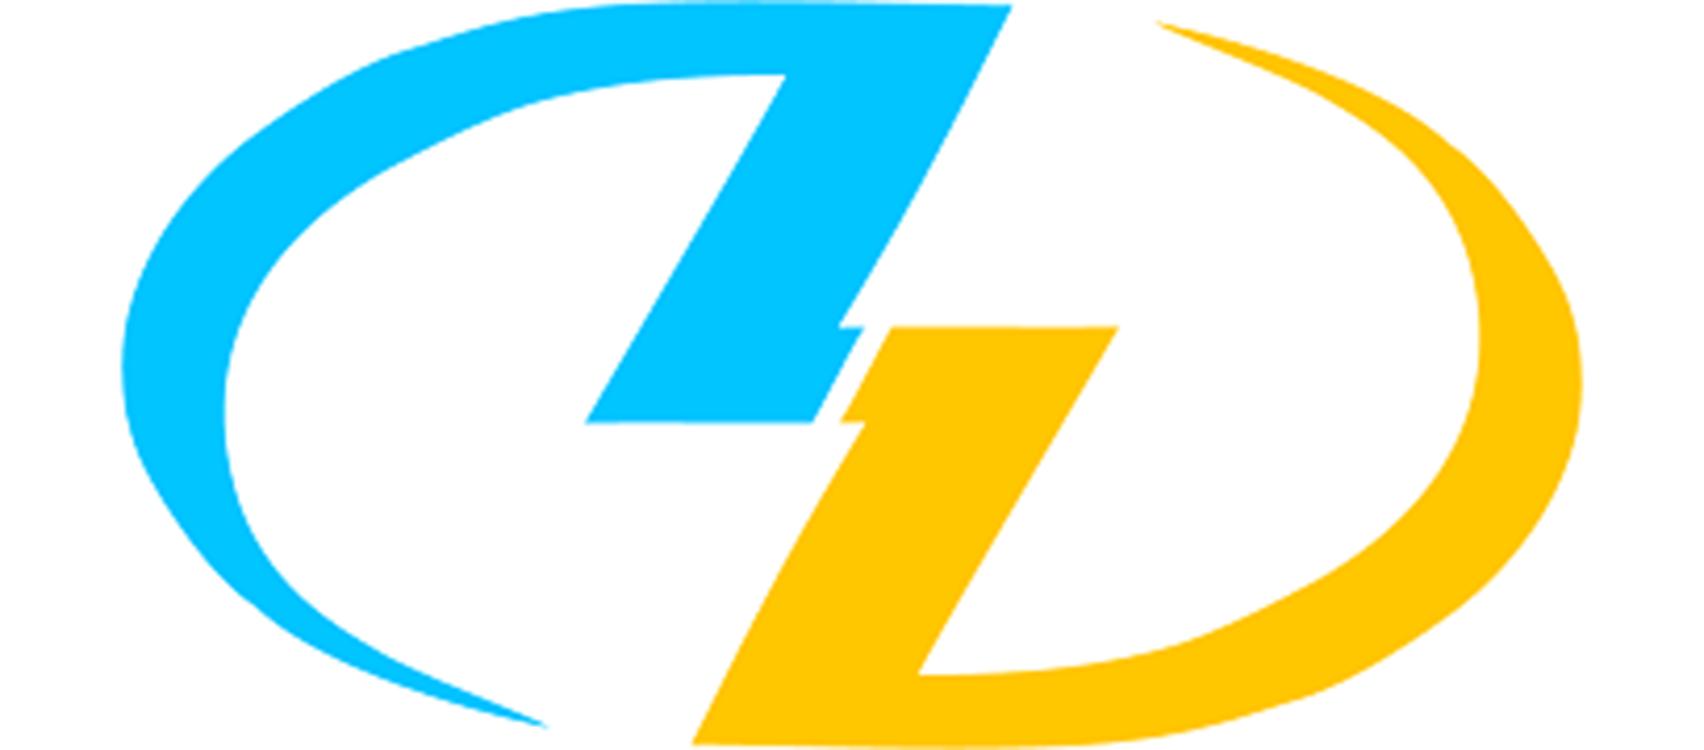 ПАТ «Запоріжжяобленерго» - Бердянський міський РЕМ (за послуги до 31.12.2018)